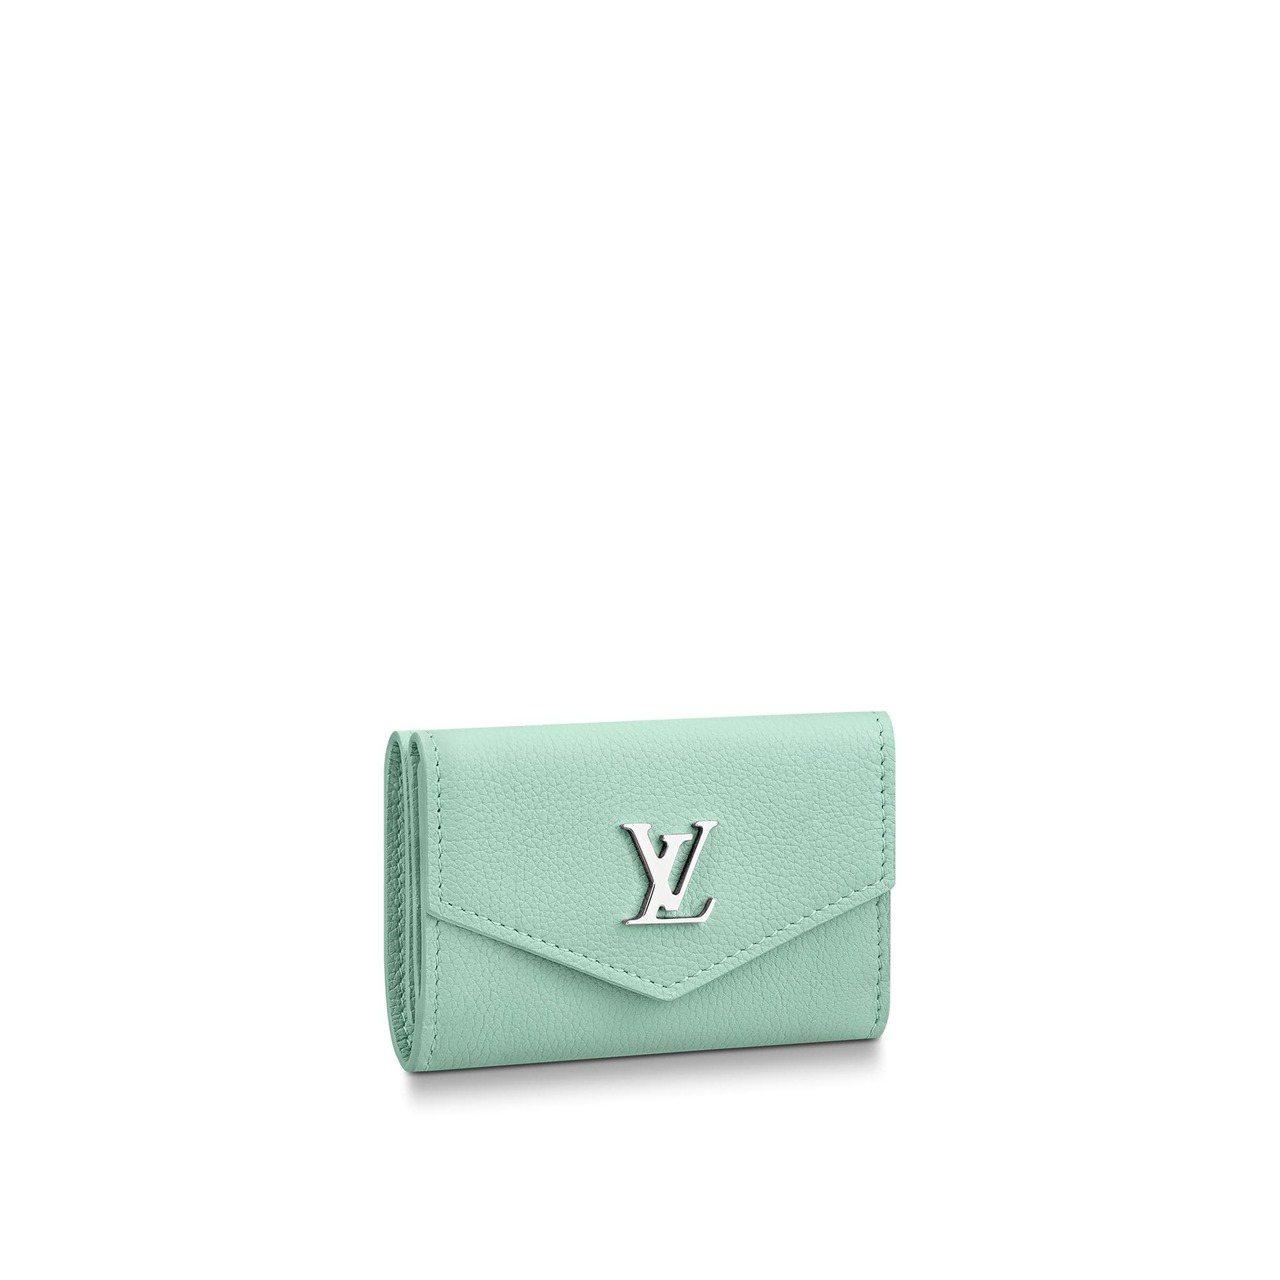 路易威登薄荷綠Lockmini小牛皮錢包,售價19,800元。圖/取自官網